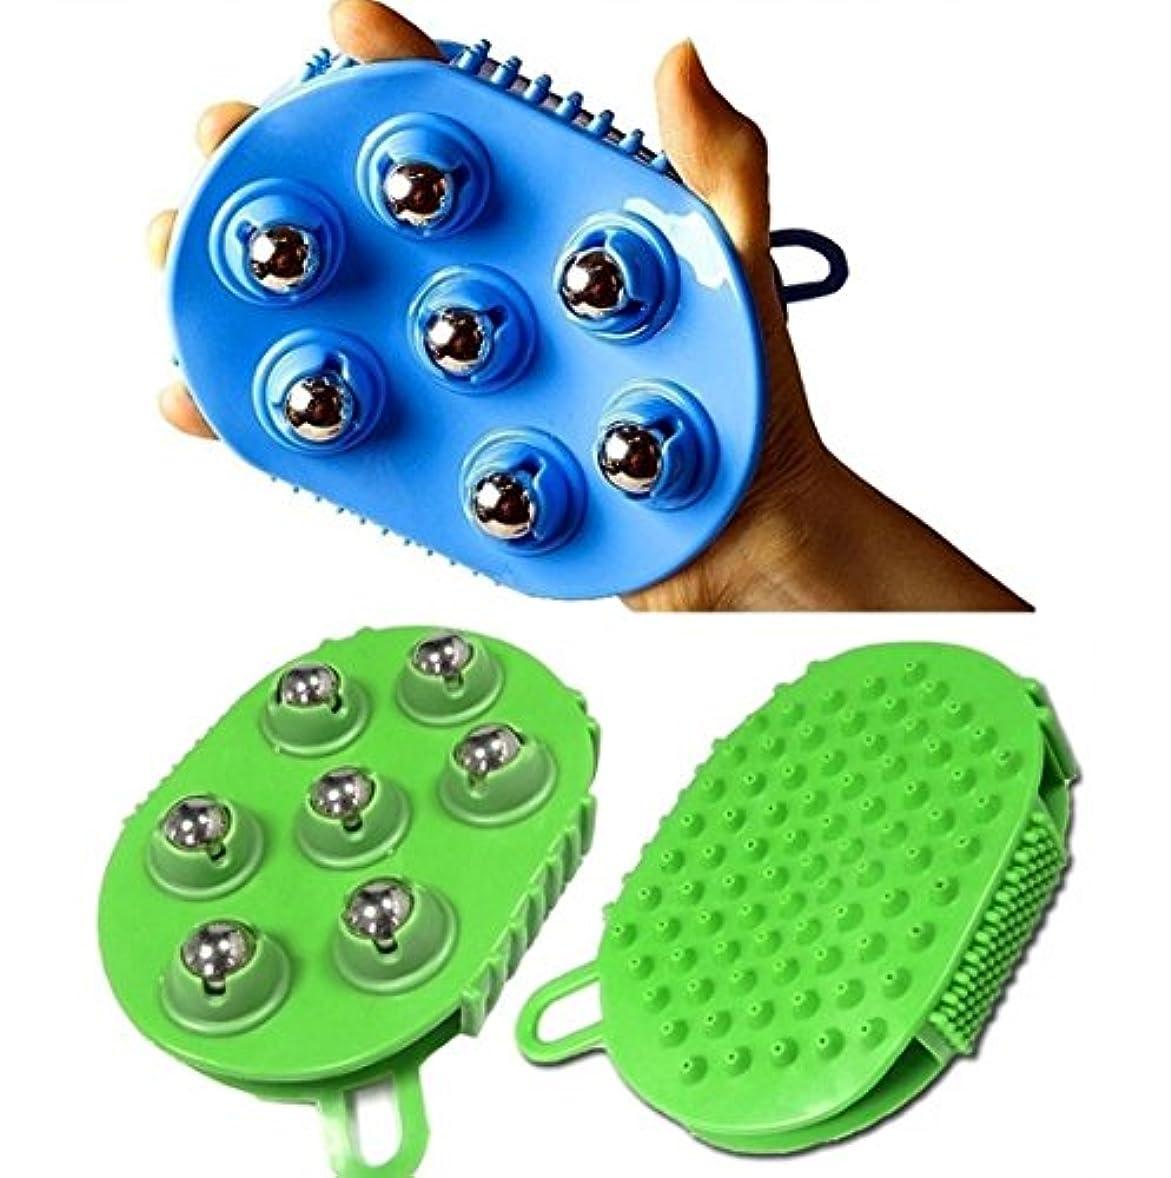 多様性ホスト従来のステンレススチールボールマッサージブラシグローブ7ローリング 360度回転 / Stainless steel Ball Massage Brush Glove 7 Rolling 360 degree rotation...